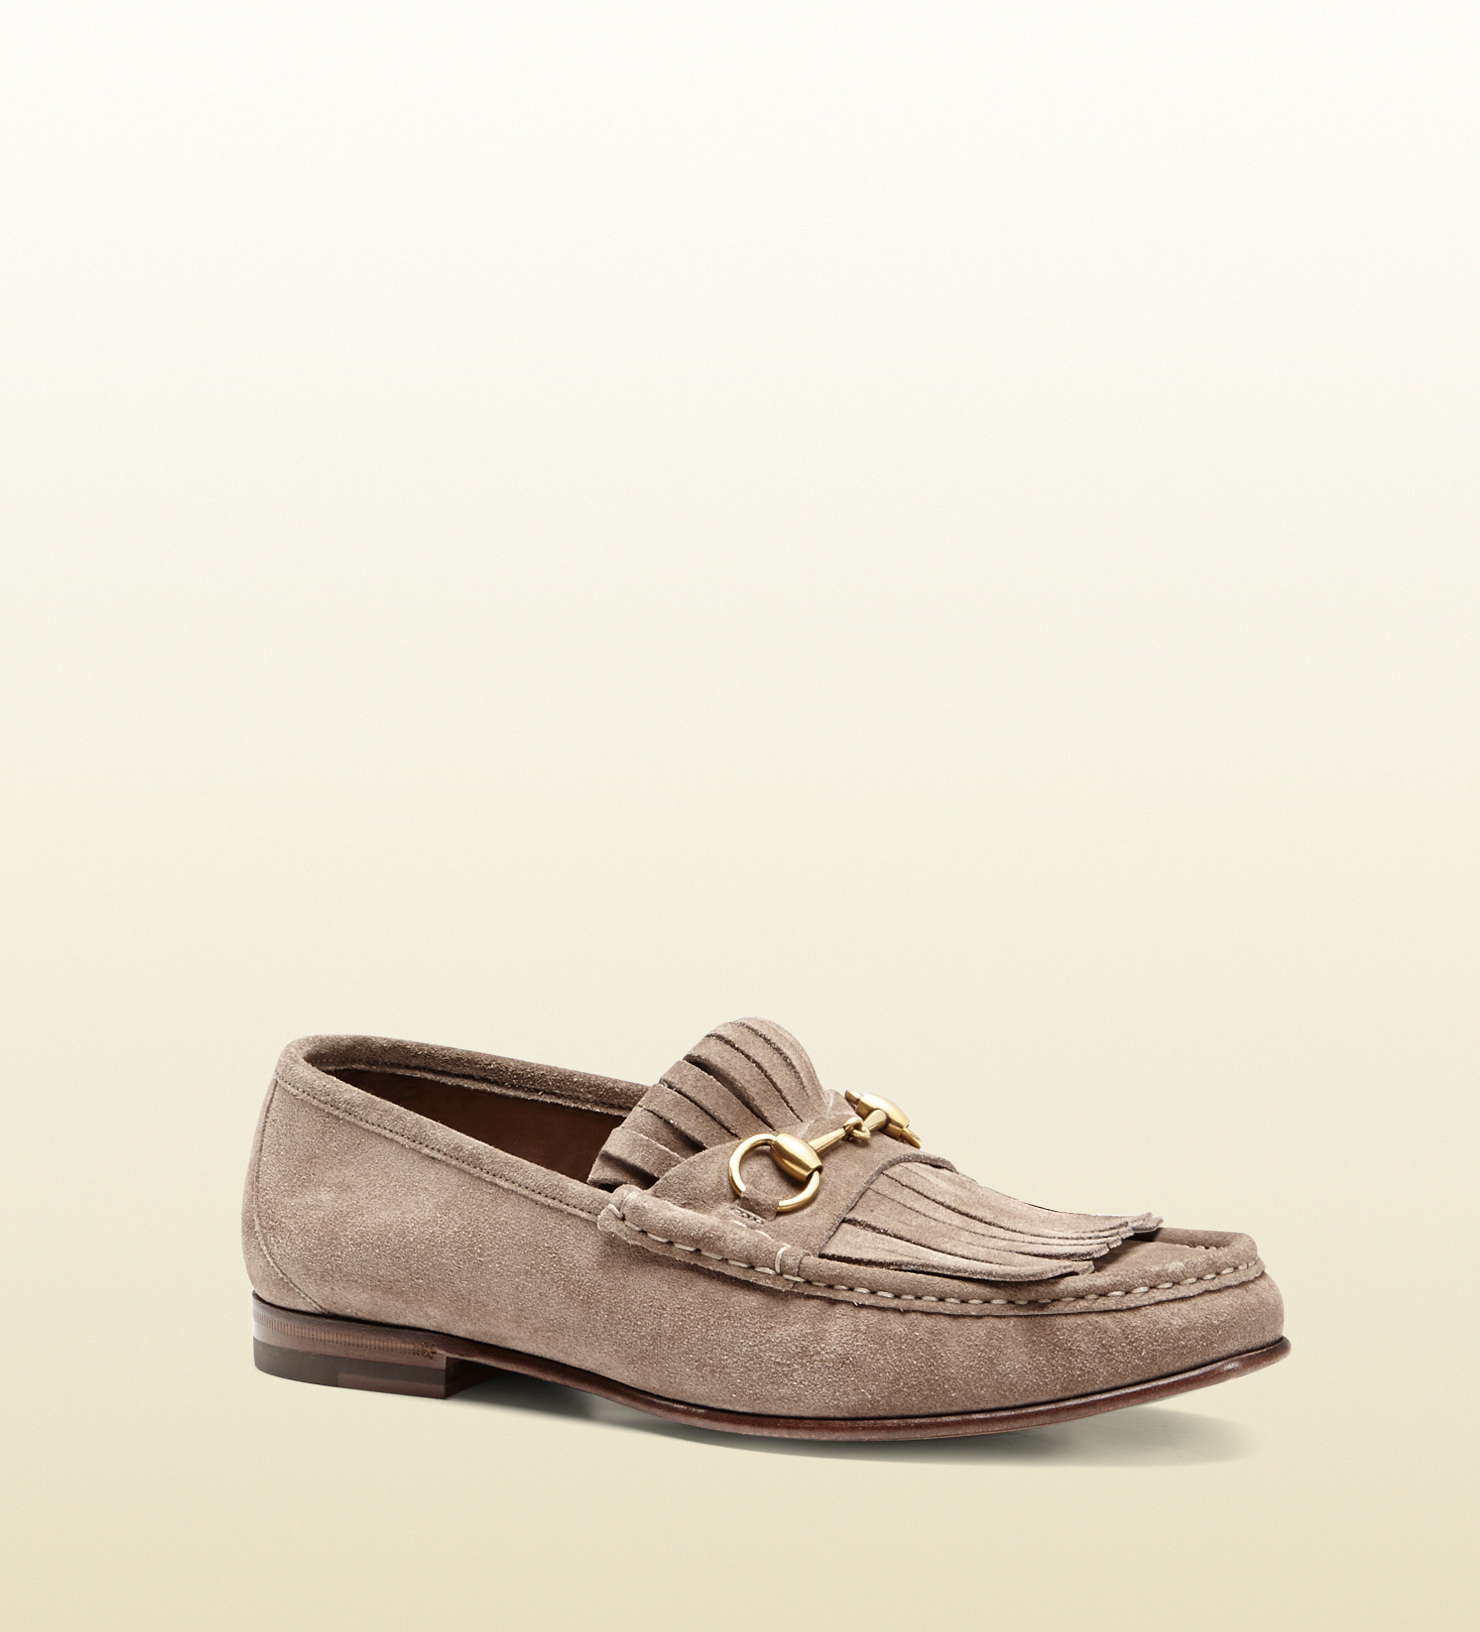 4d0770a3580 Lyst - Gucci Suede Fringe Horsebit Loafer in Natural for Men